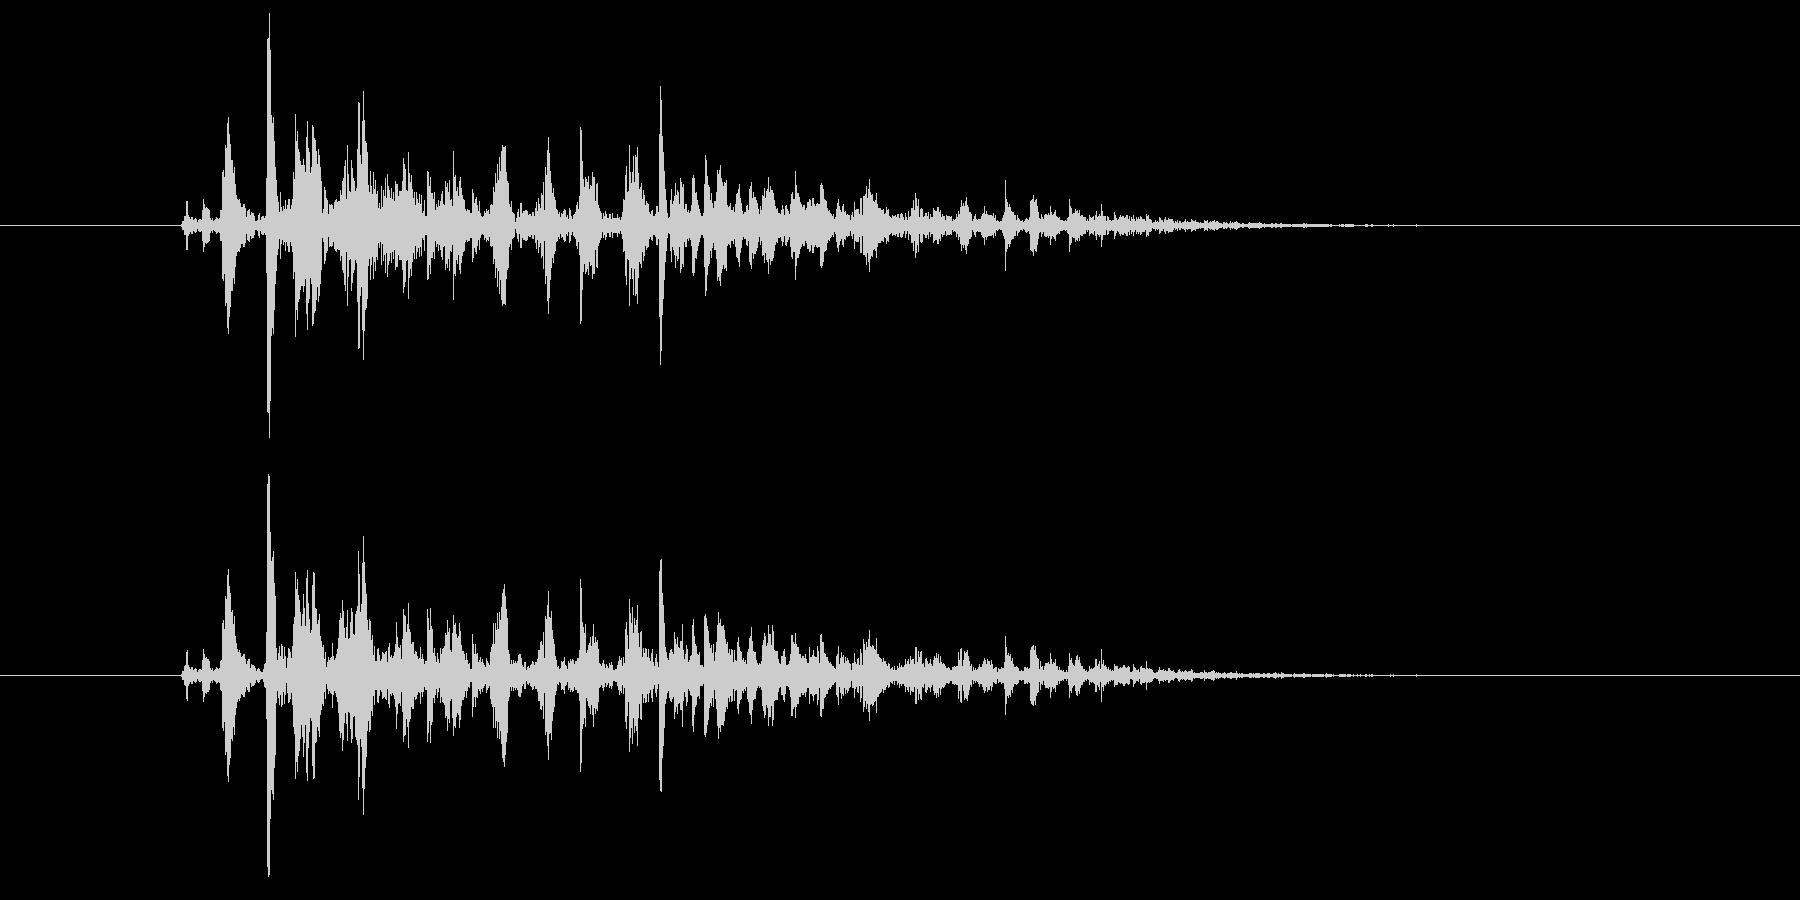 ブクブク(泡のような音) B01の未再生の波形